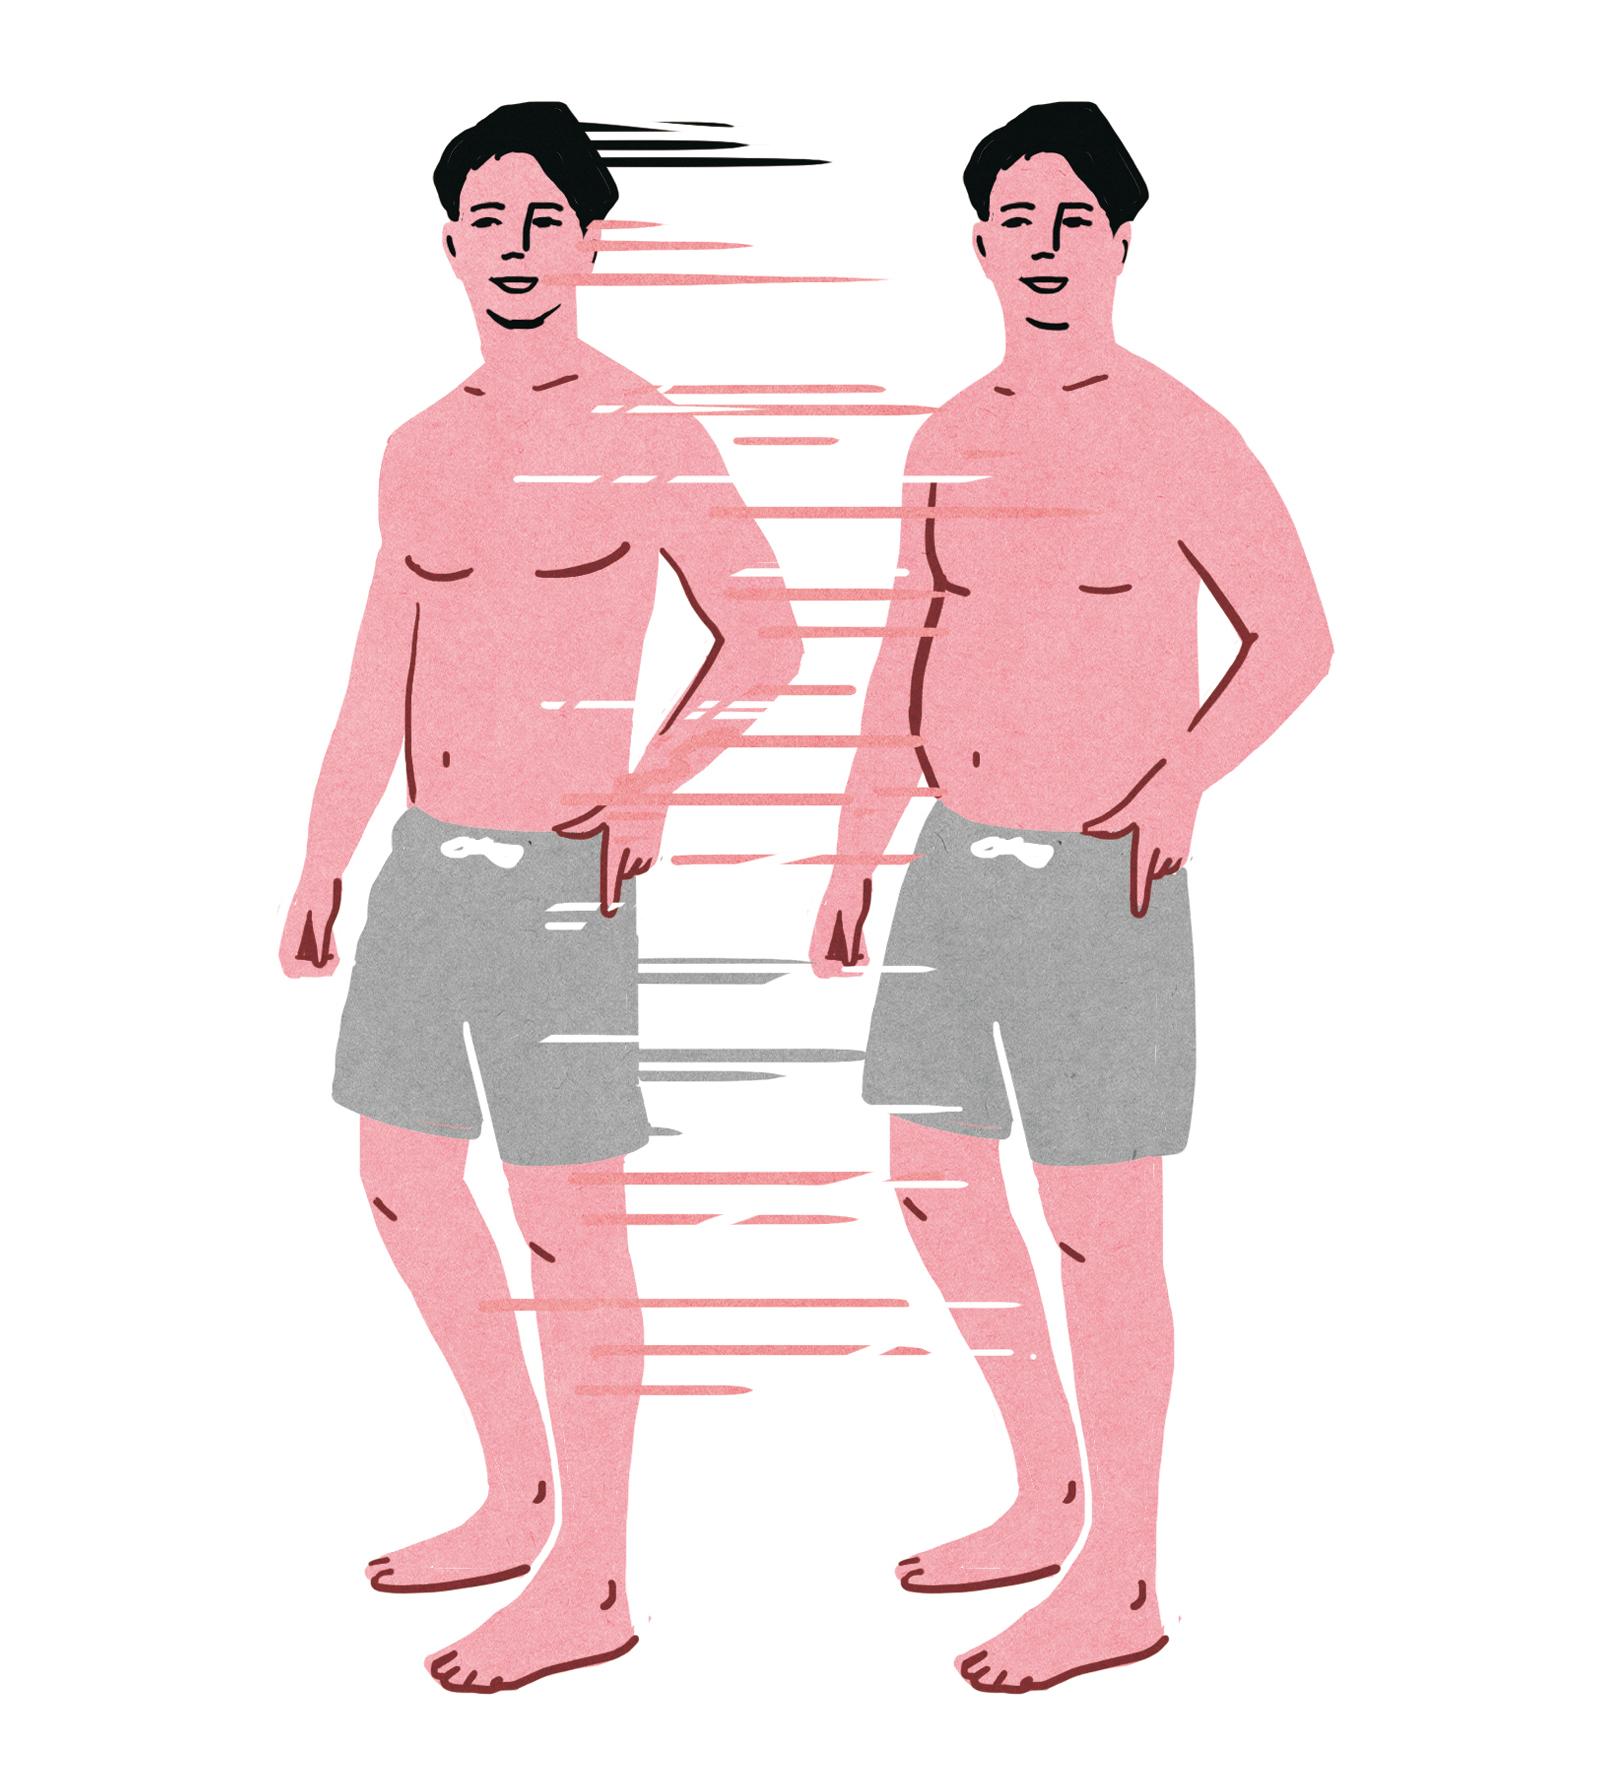 細マッチョへの変身が通常より効率よく進む。